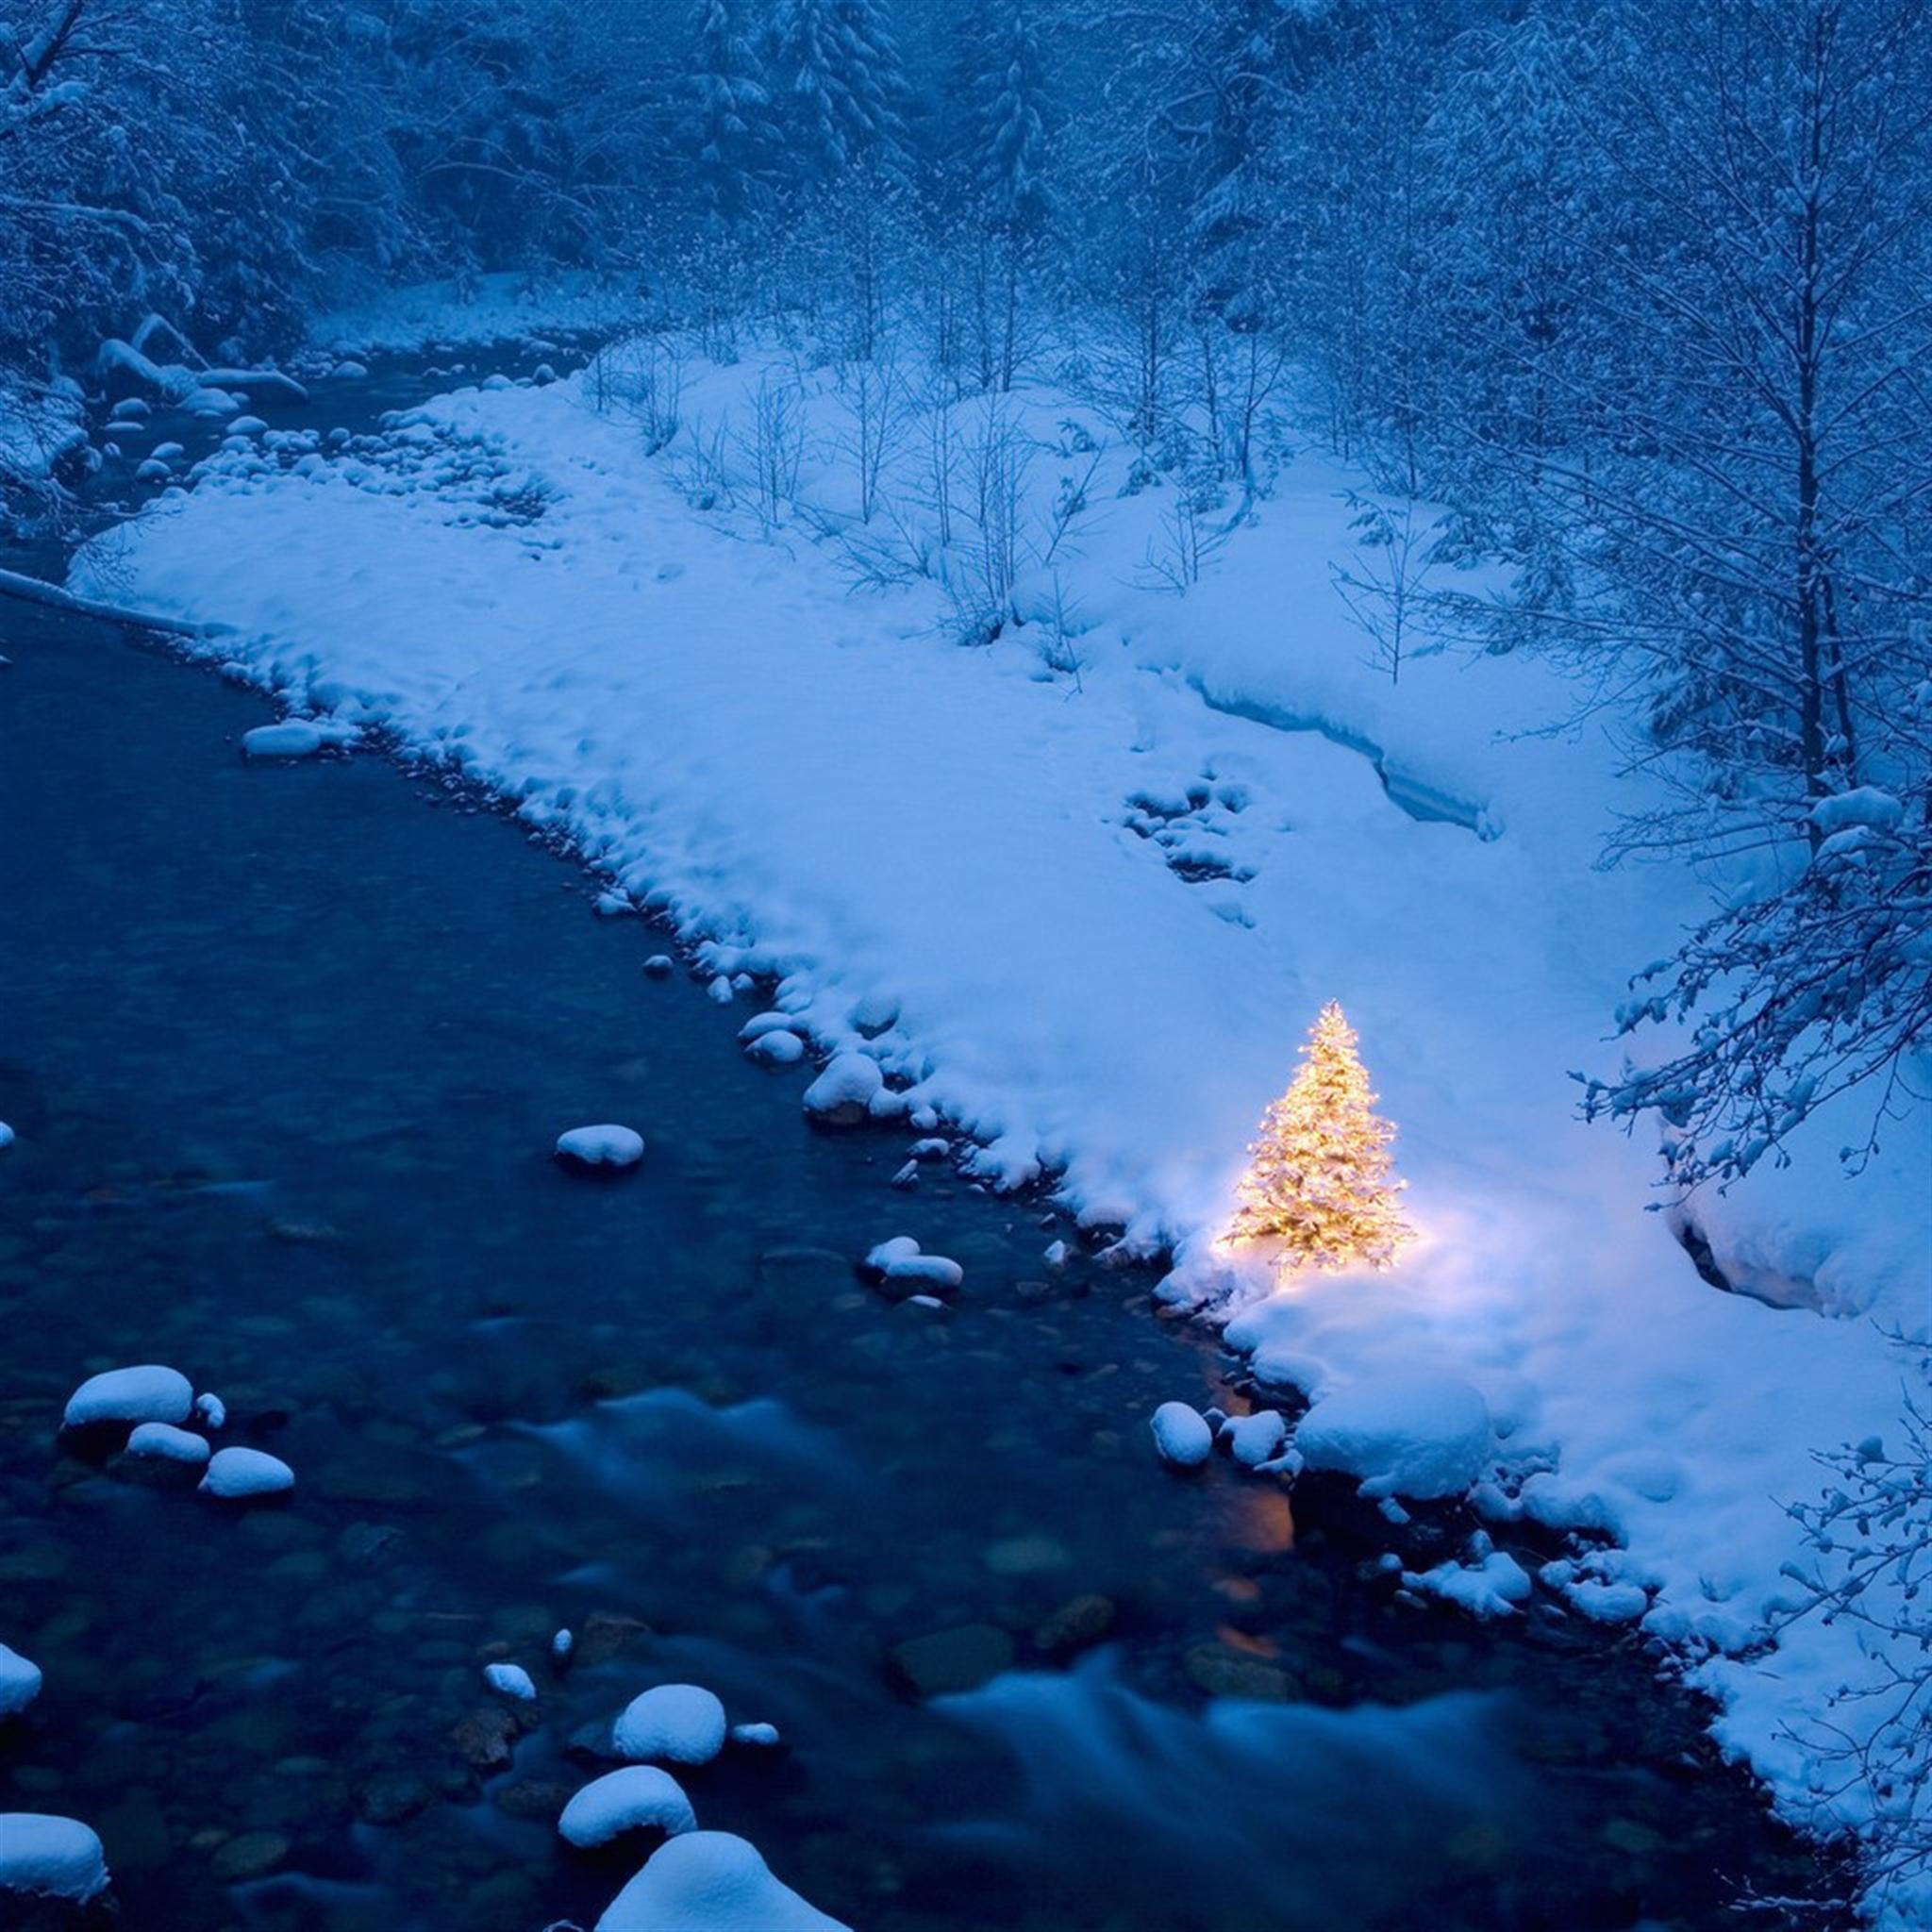 Free Download Christmas Ipad Air Wallpapers Hd 61 Ipad Air